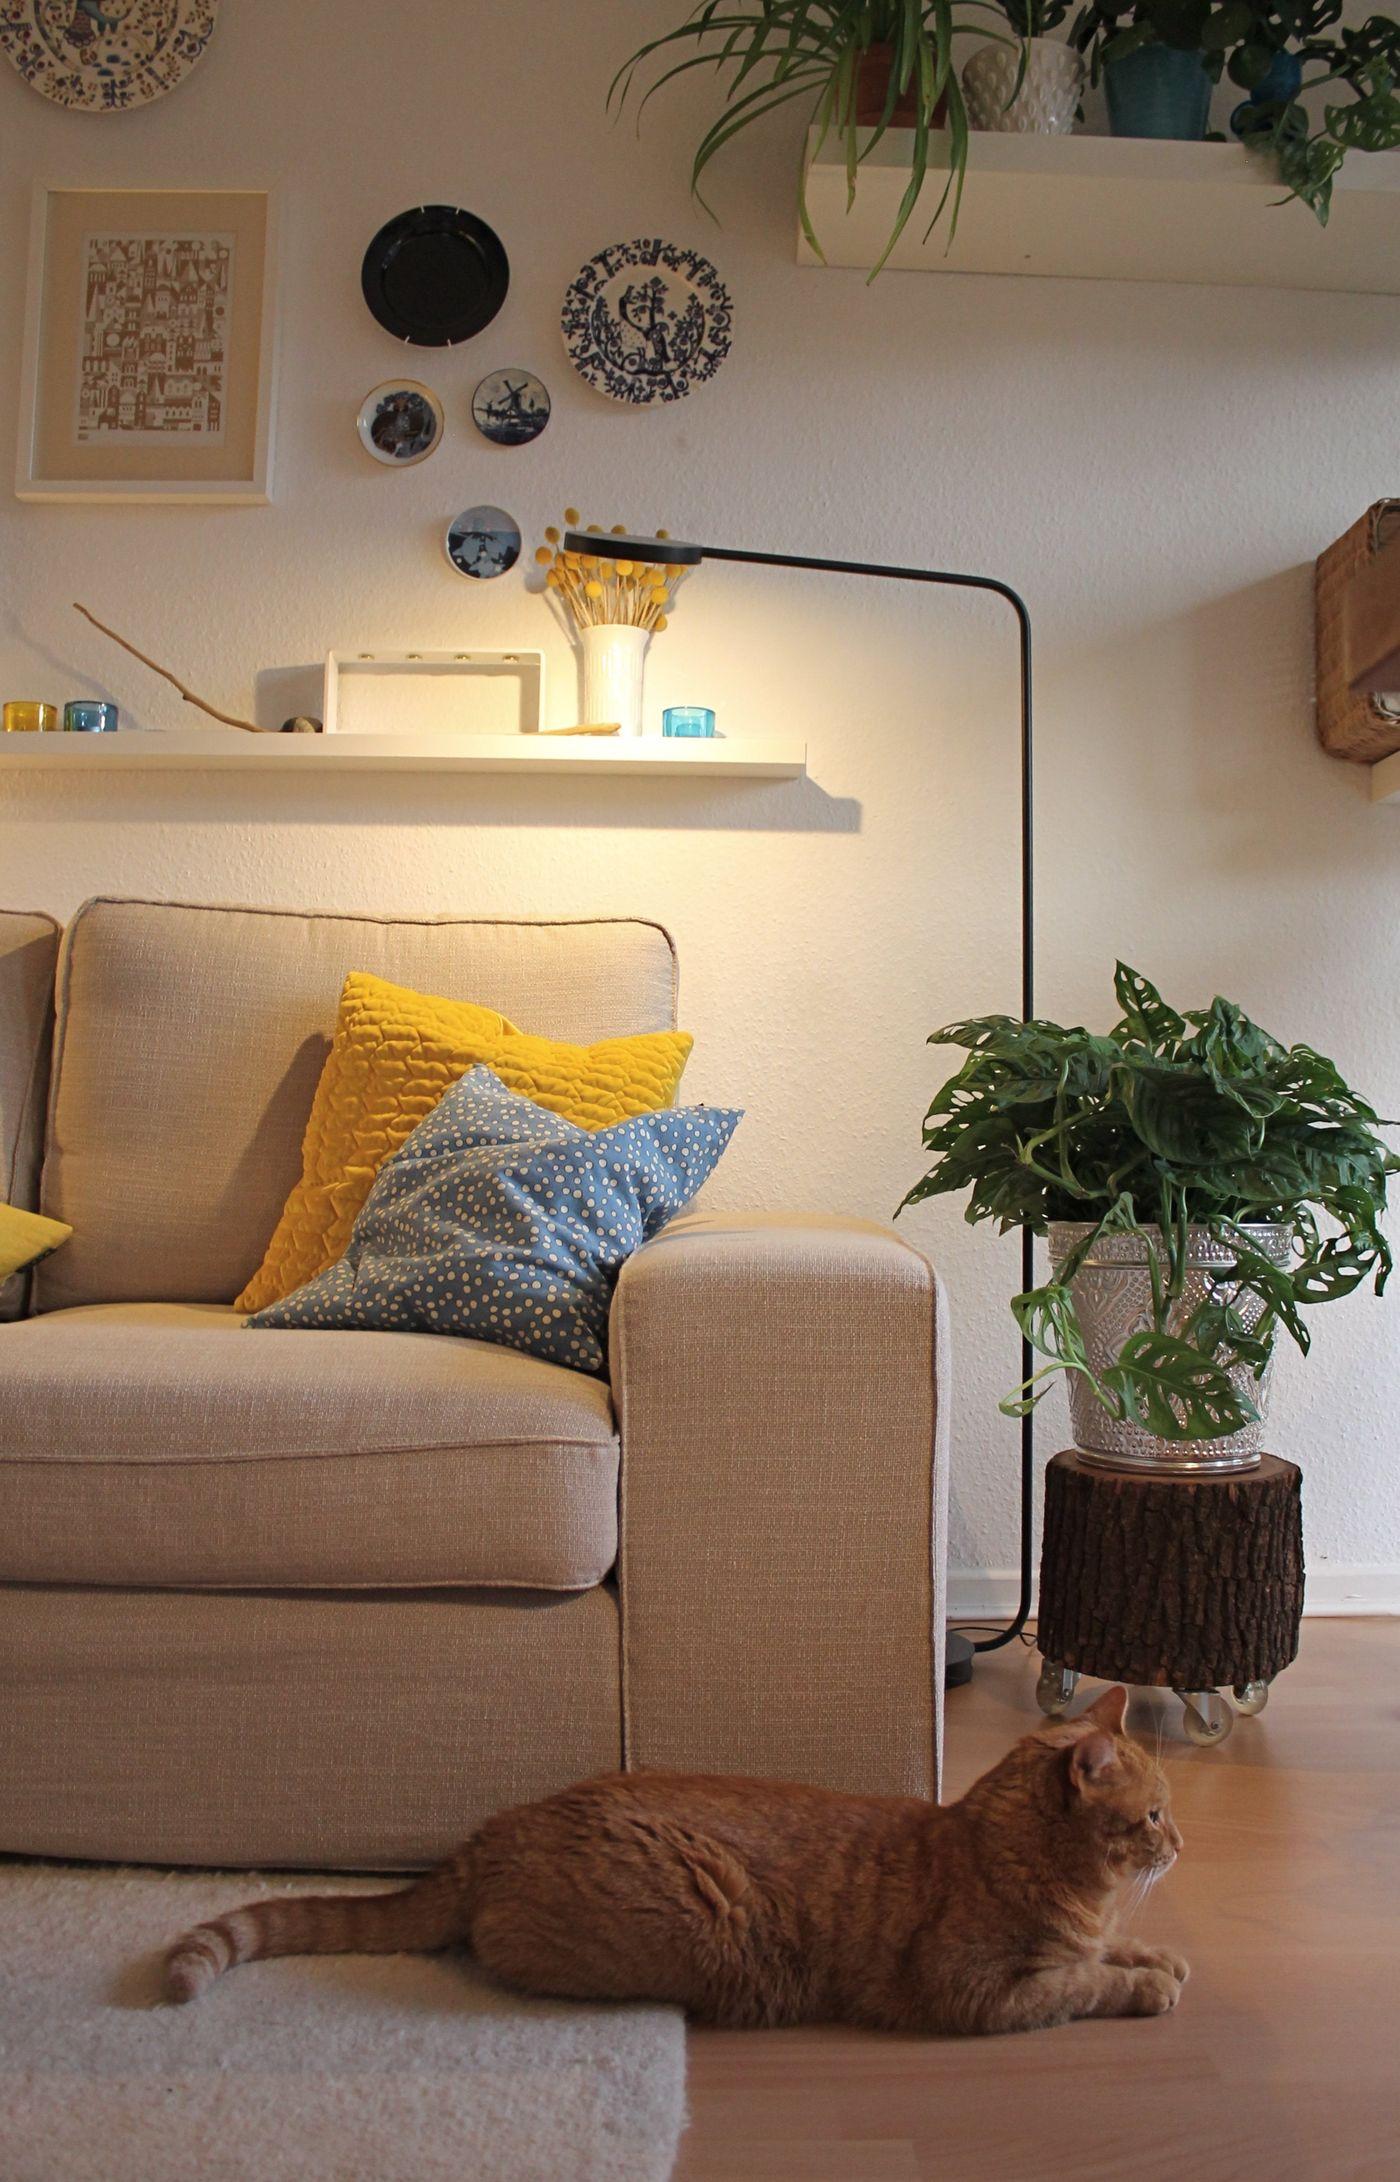 die besten ideen f r die wandgestaltung im wohnzimmer seite 10. Black Bedroom Furniture Sets. Home Design Ideas